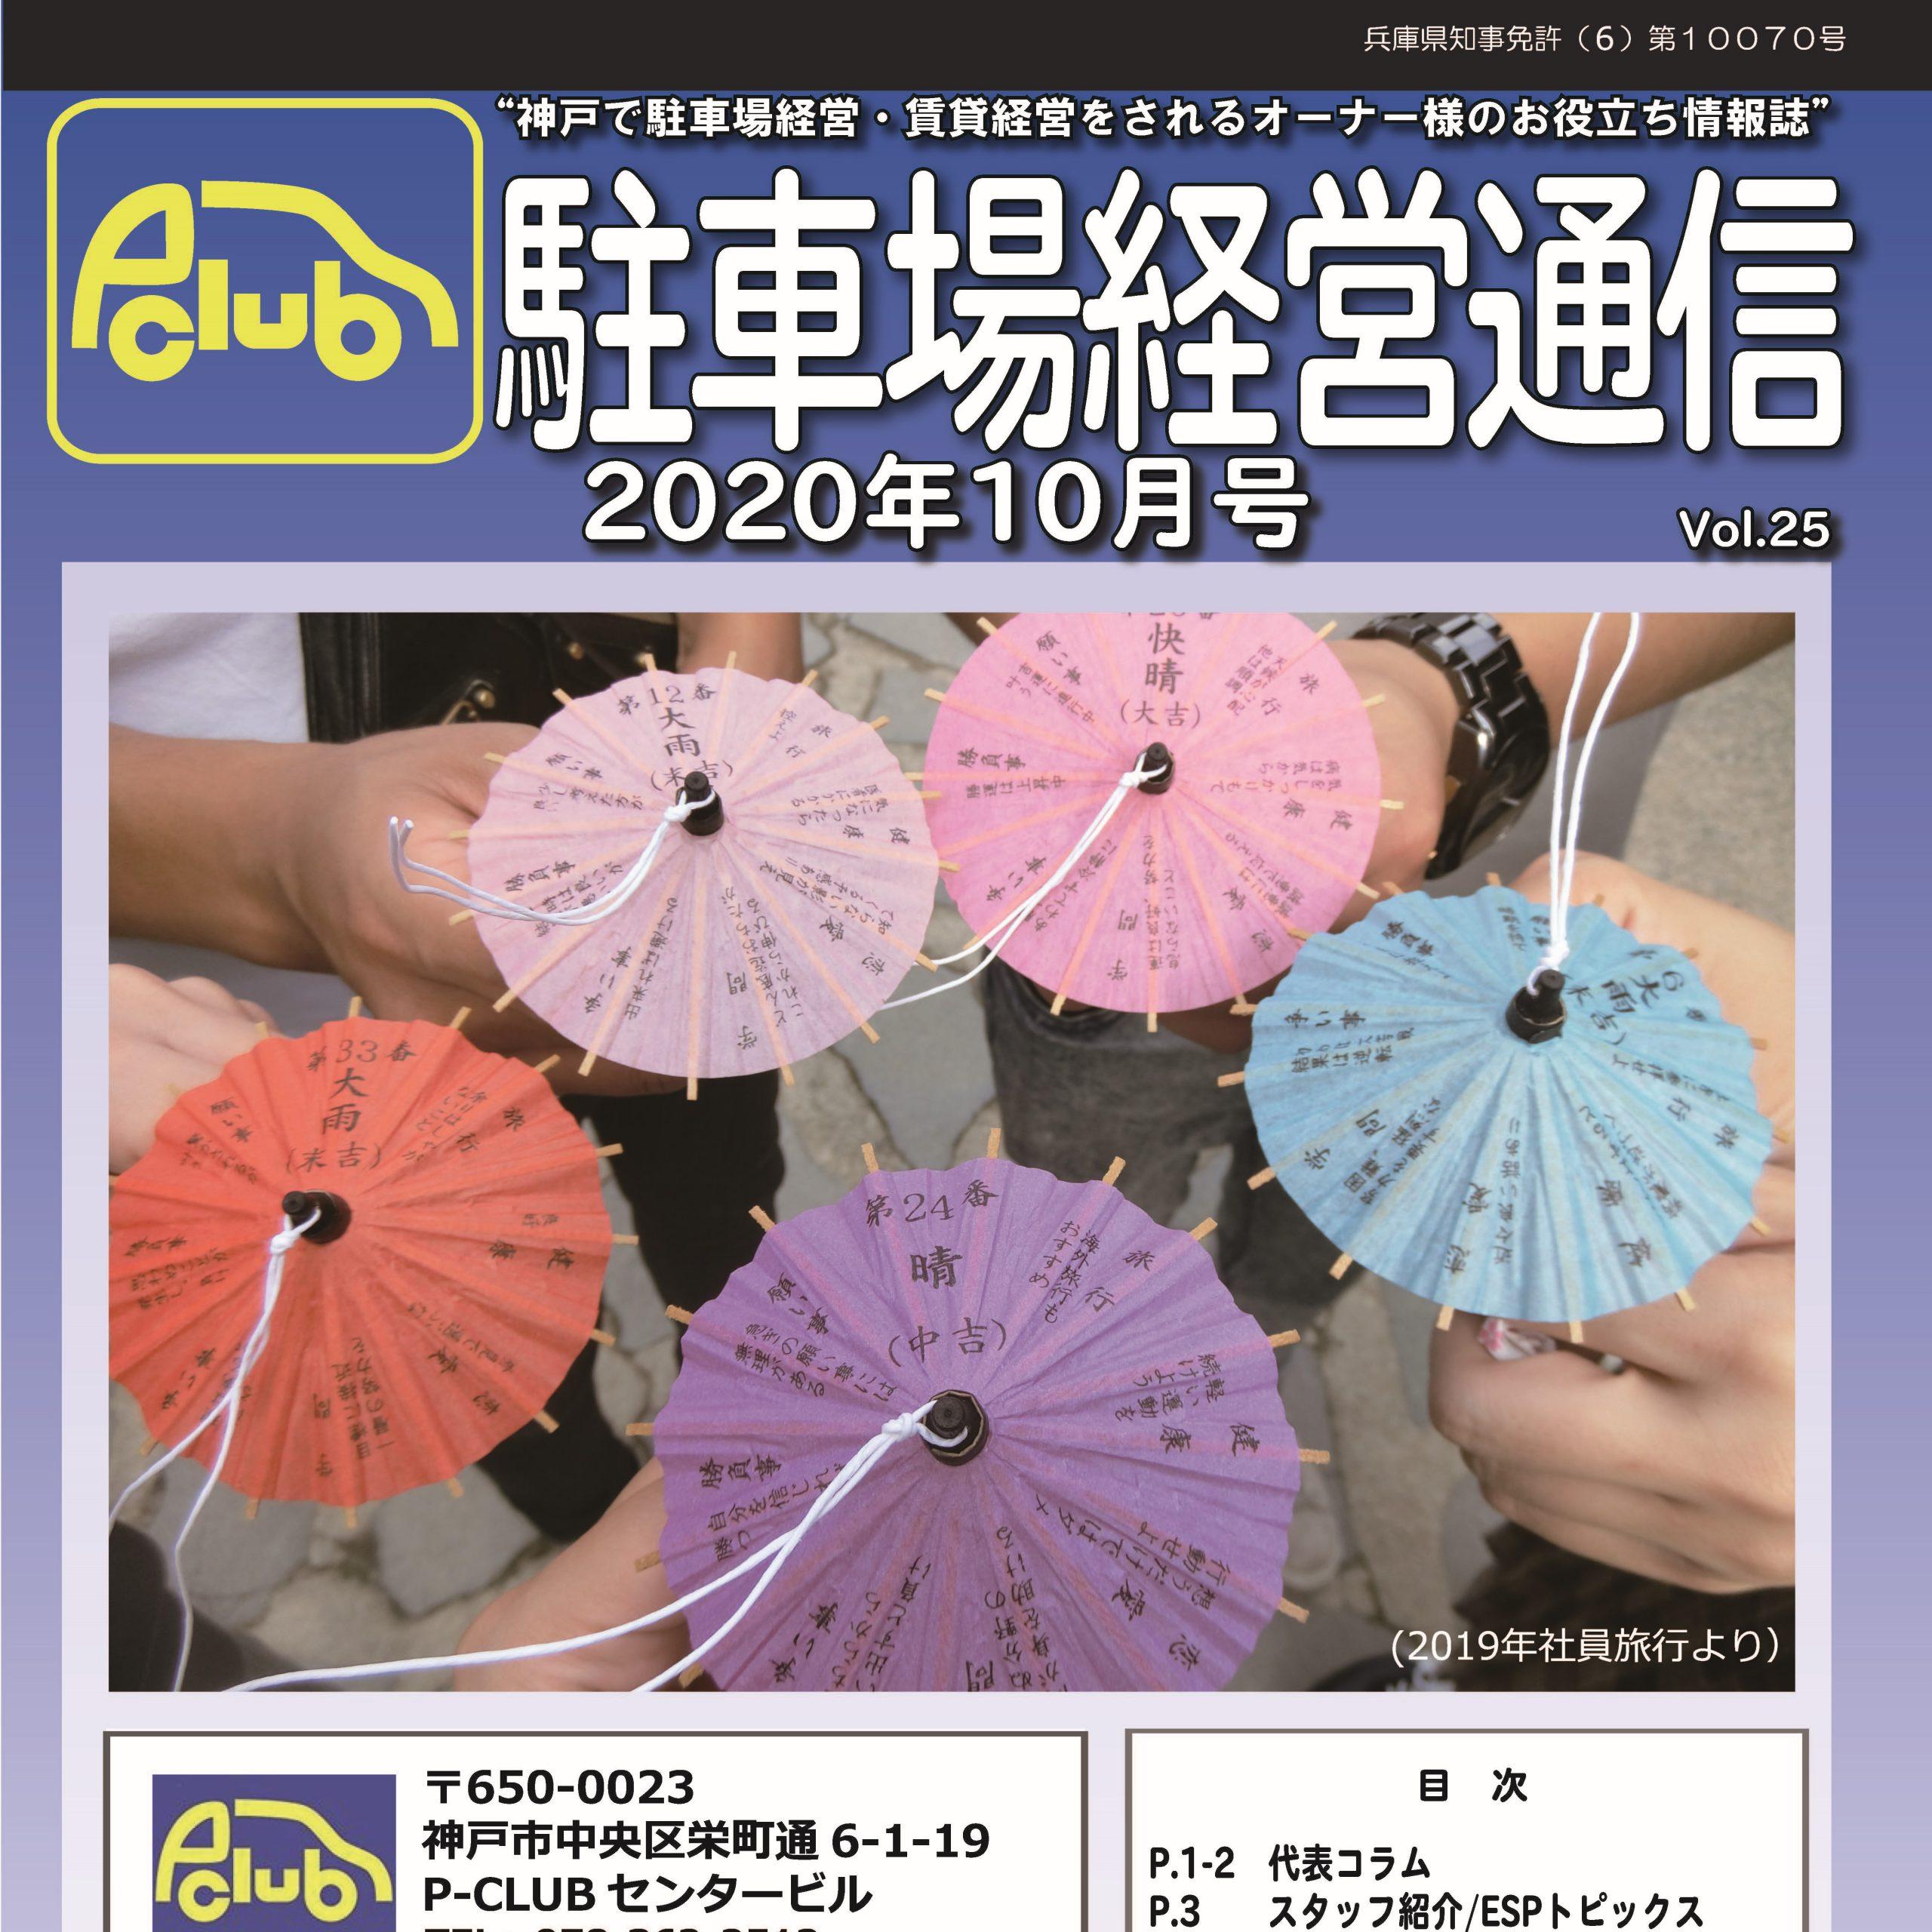 駐車場経営通信 2020年10月号発刊